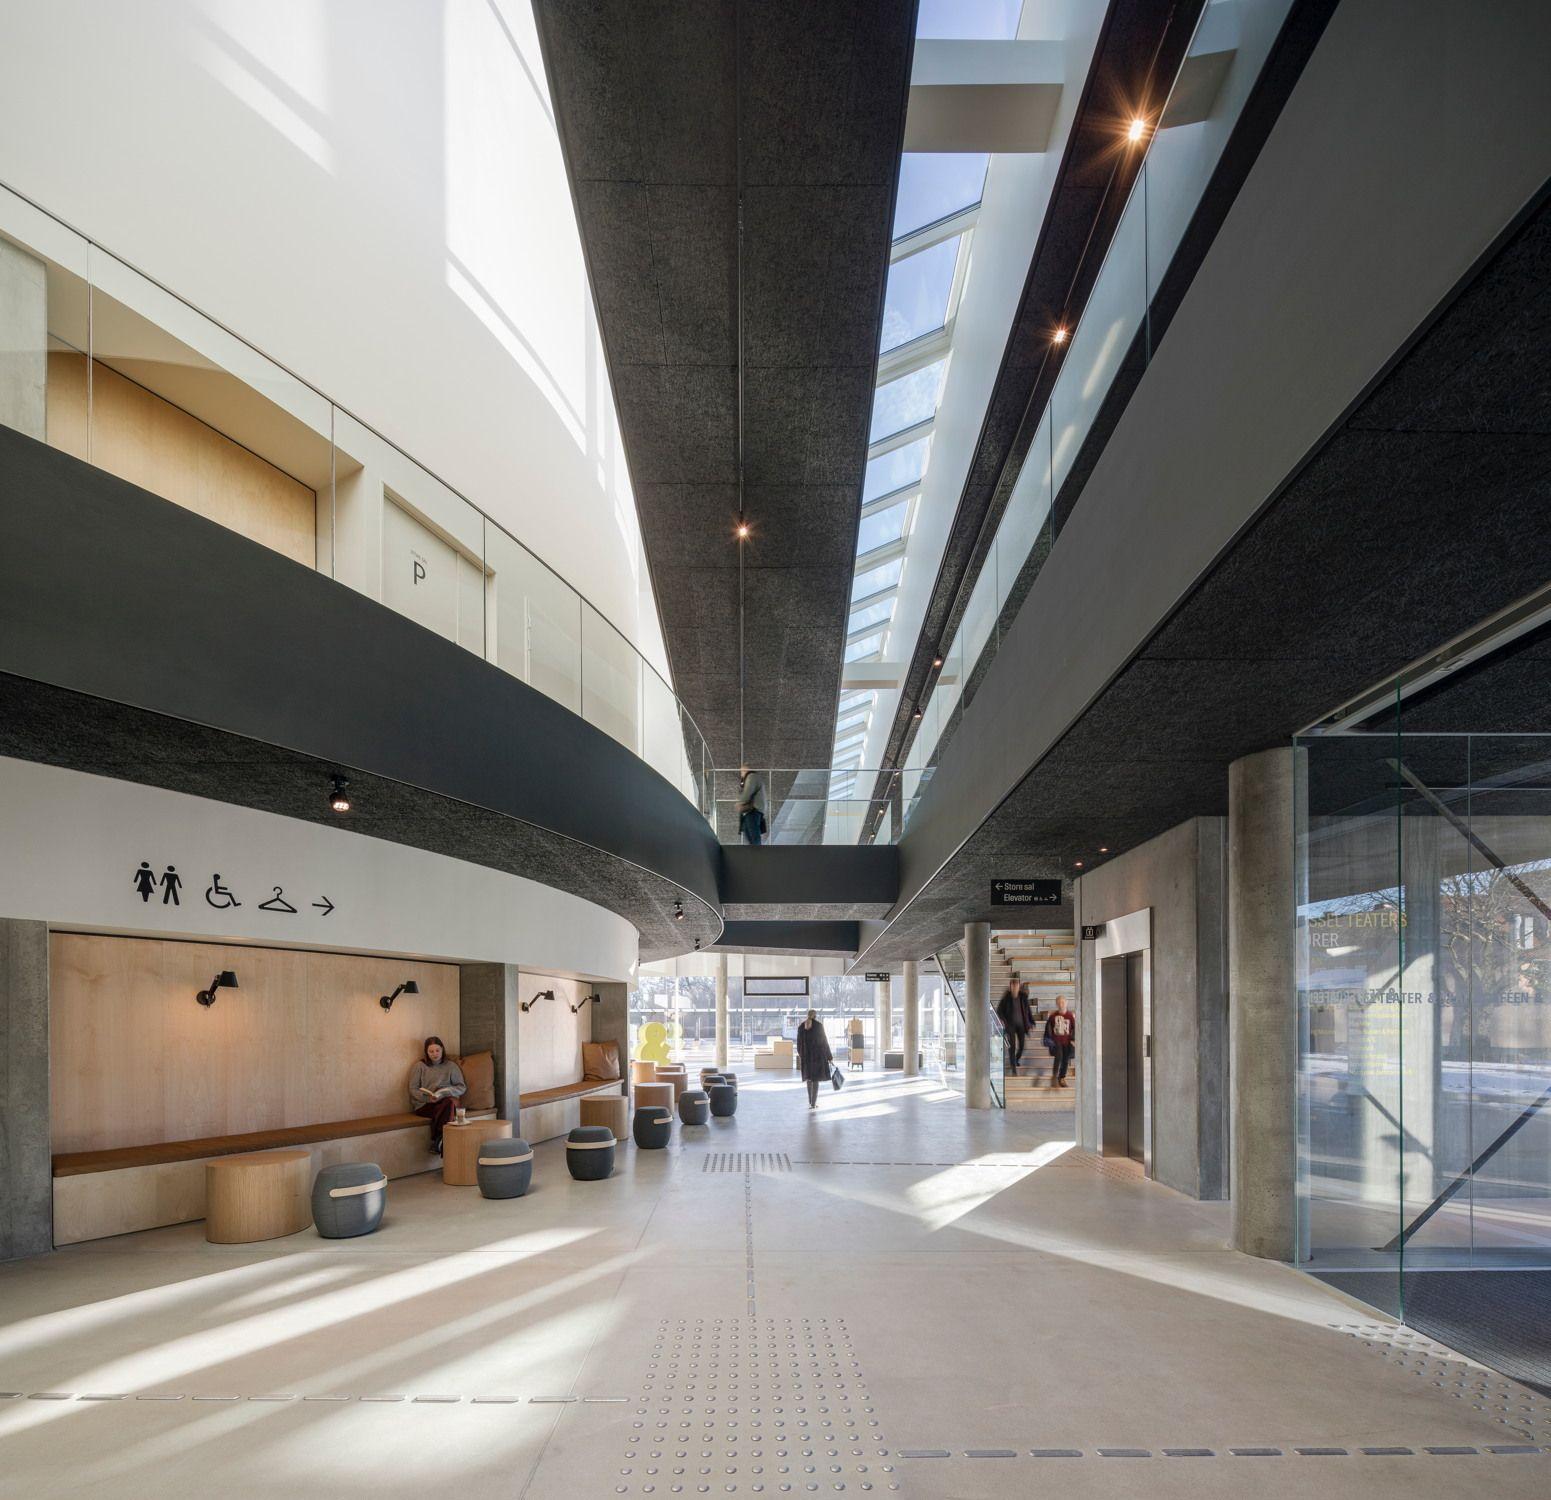 Apple park Norman Foster architecture John Ive interior Public Buildings Pinterest